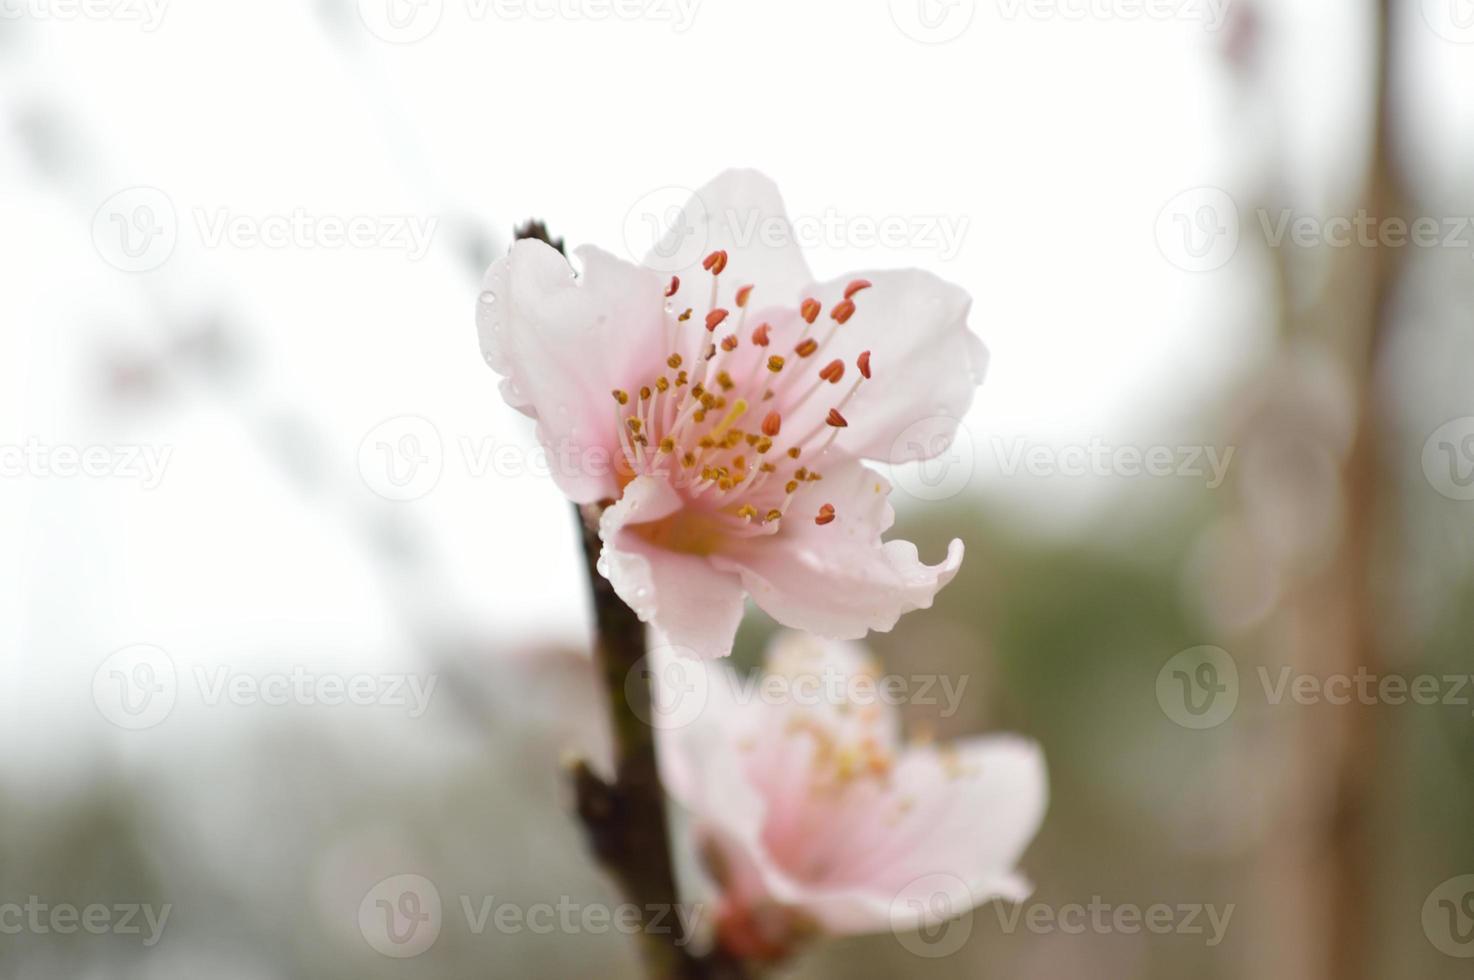 primer plano de una flor de durazno foto